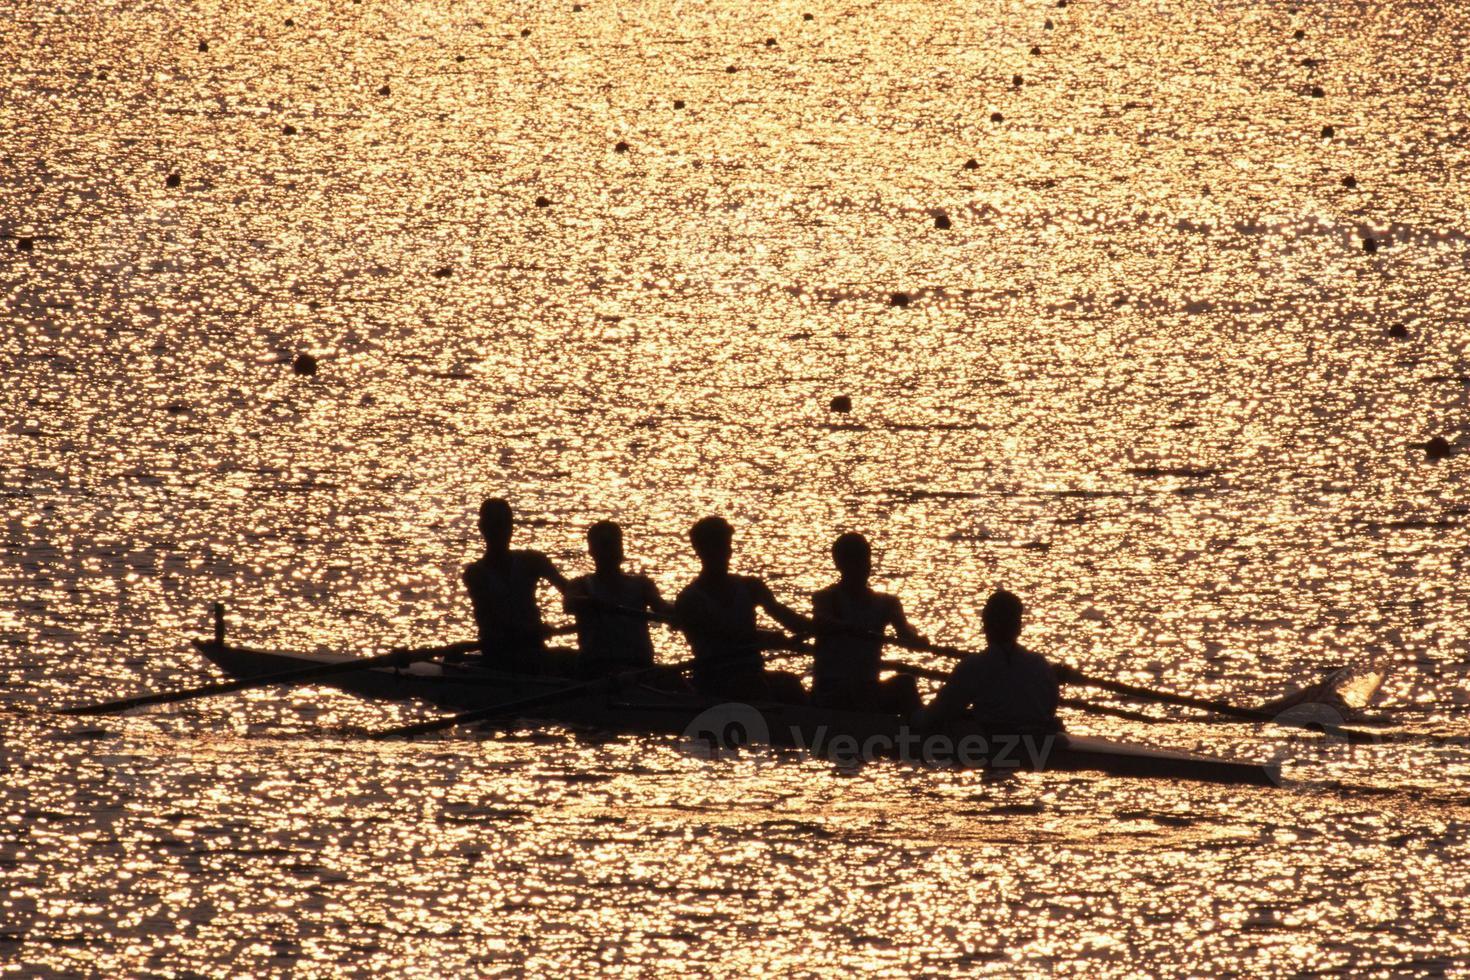 team av roddare silhuett vid solnedgången foto